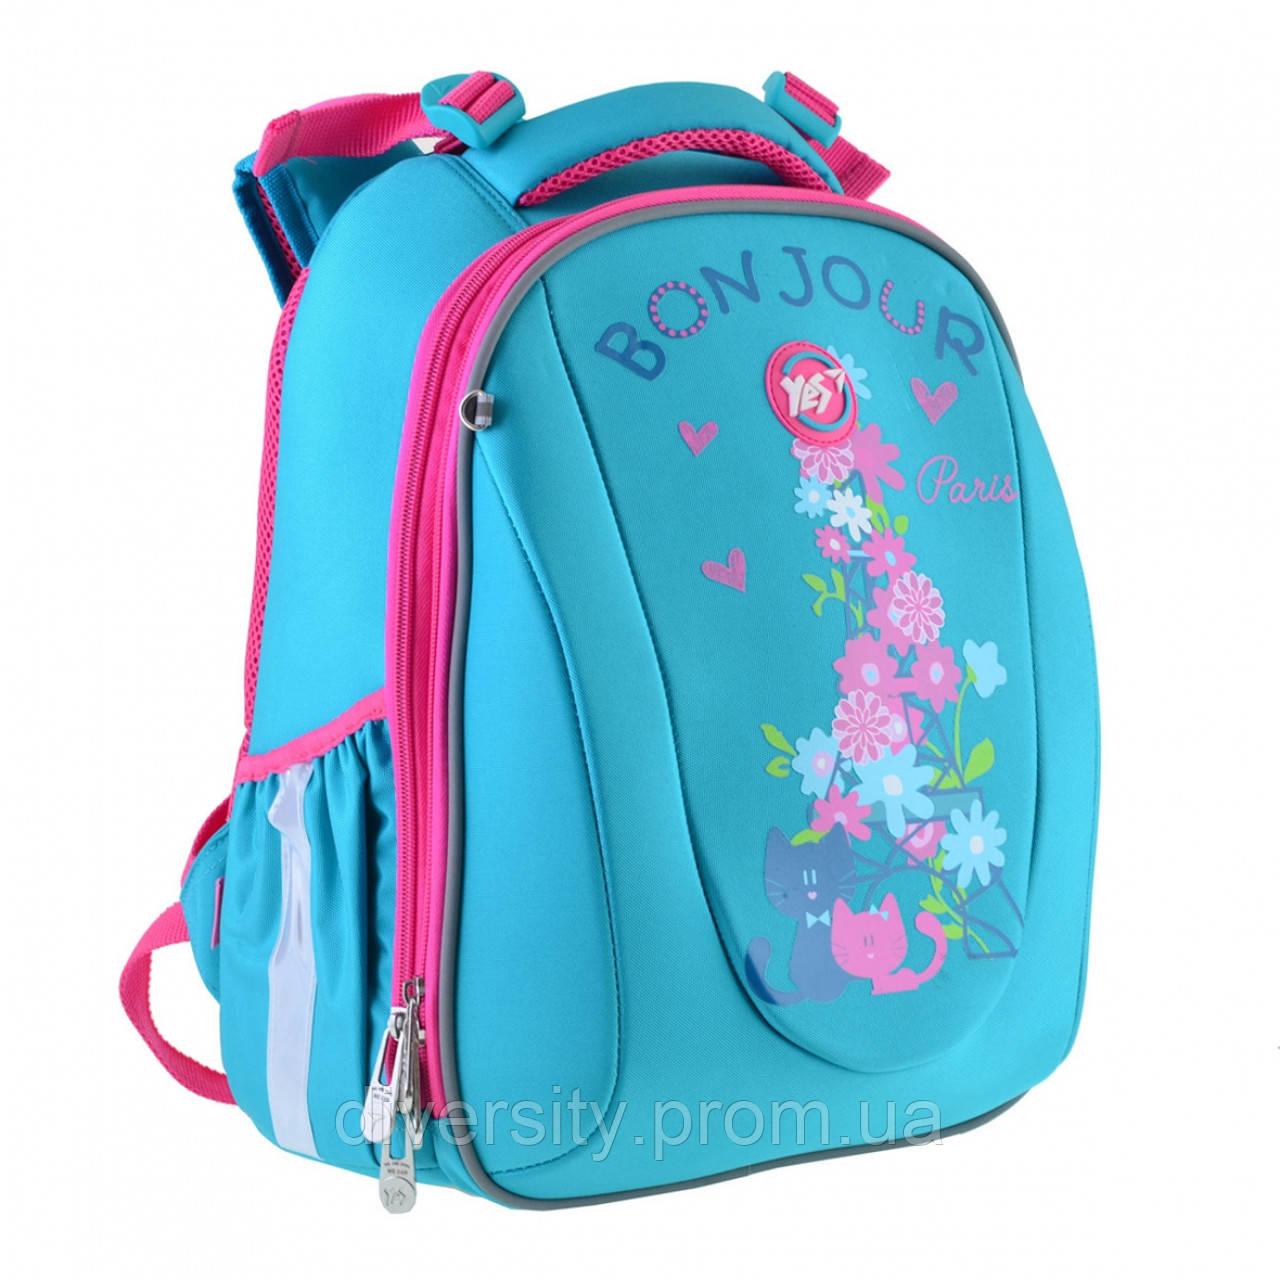 """Каркасный школьный рюкзак H-28 """"Bonjour"""",серия """"Shalby"""" 557734"""